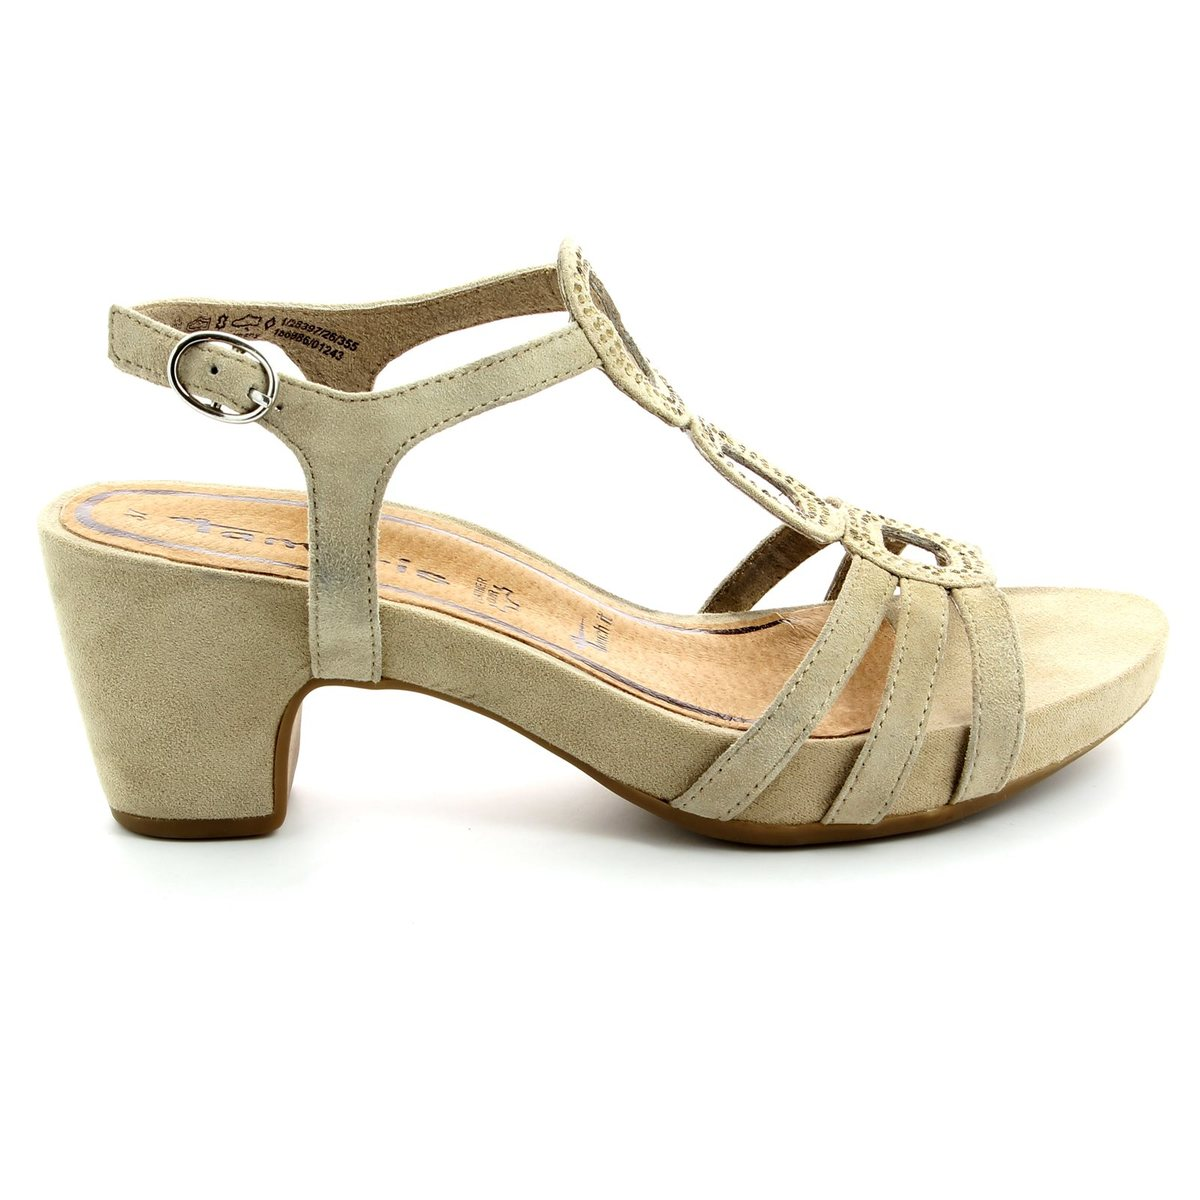 tamaris jule 28397 355 beige heeled sandals. Black Bedroom Furniture Sets. Home Design Ideas